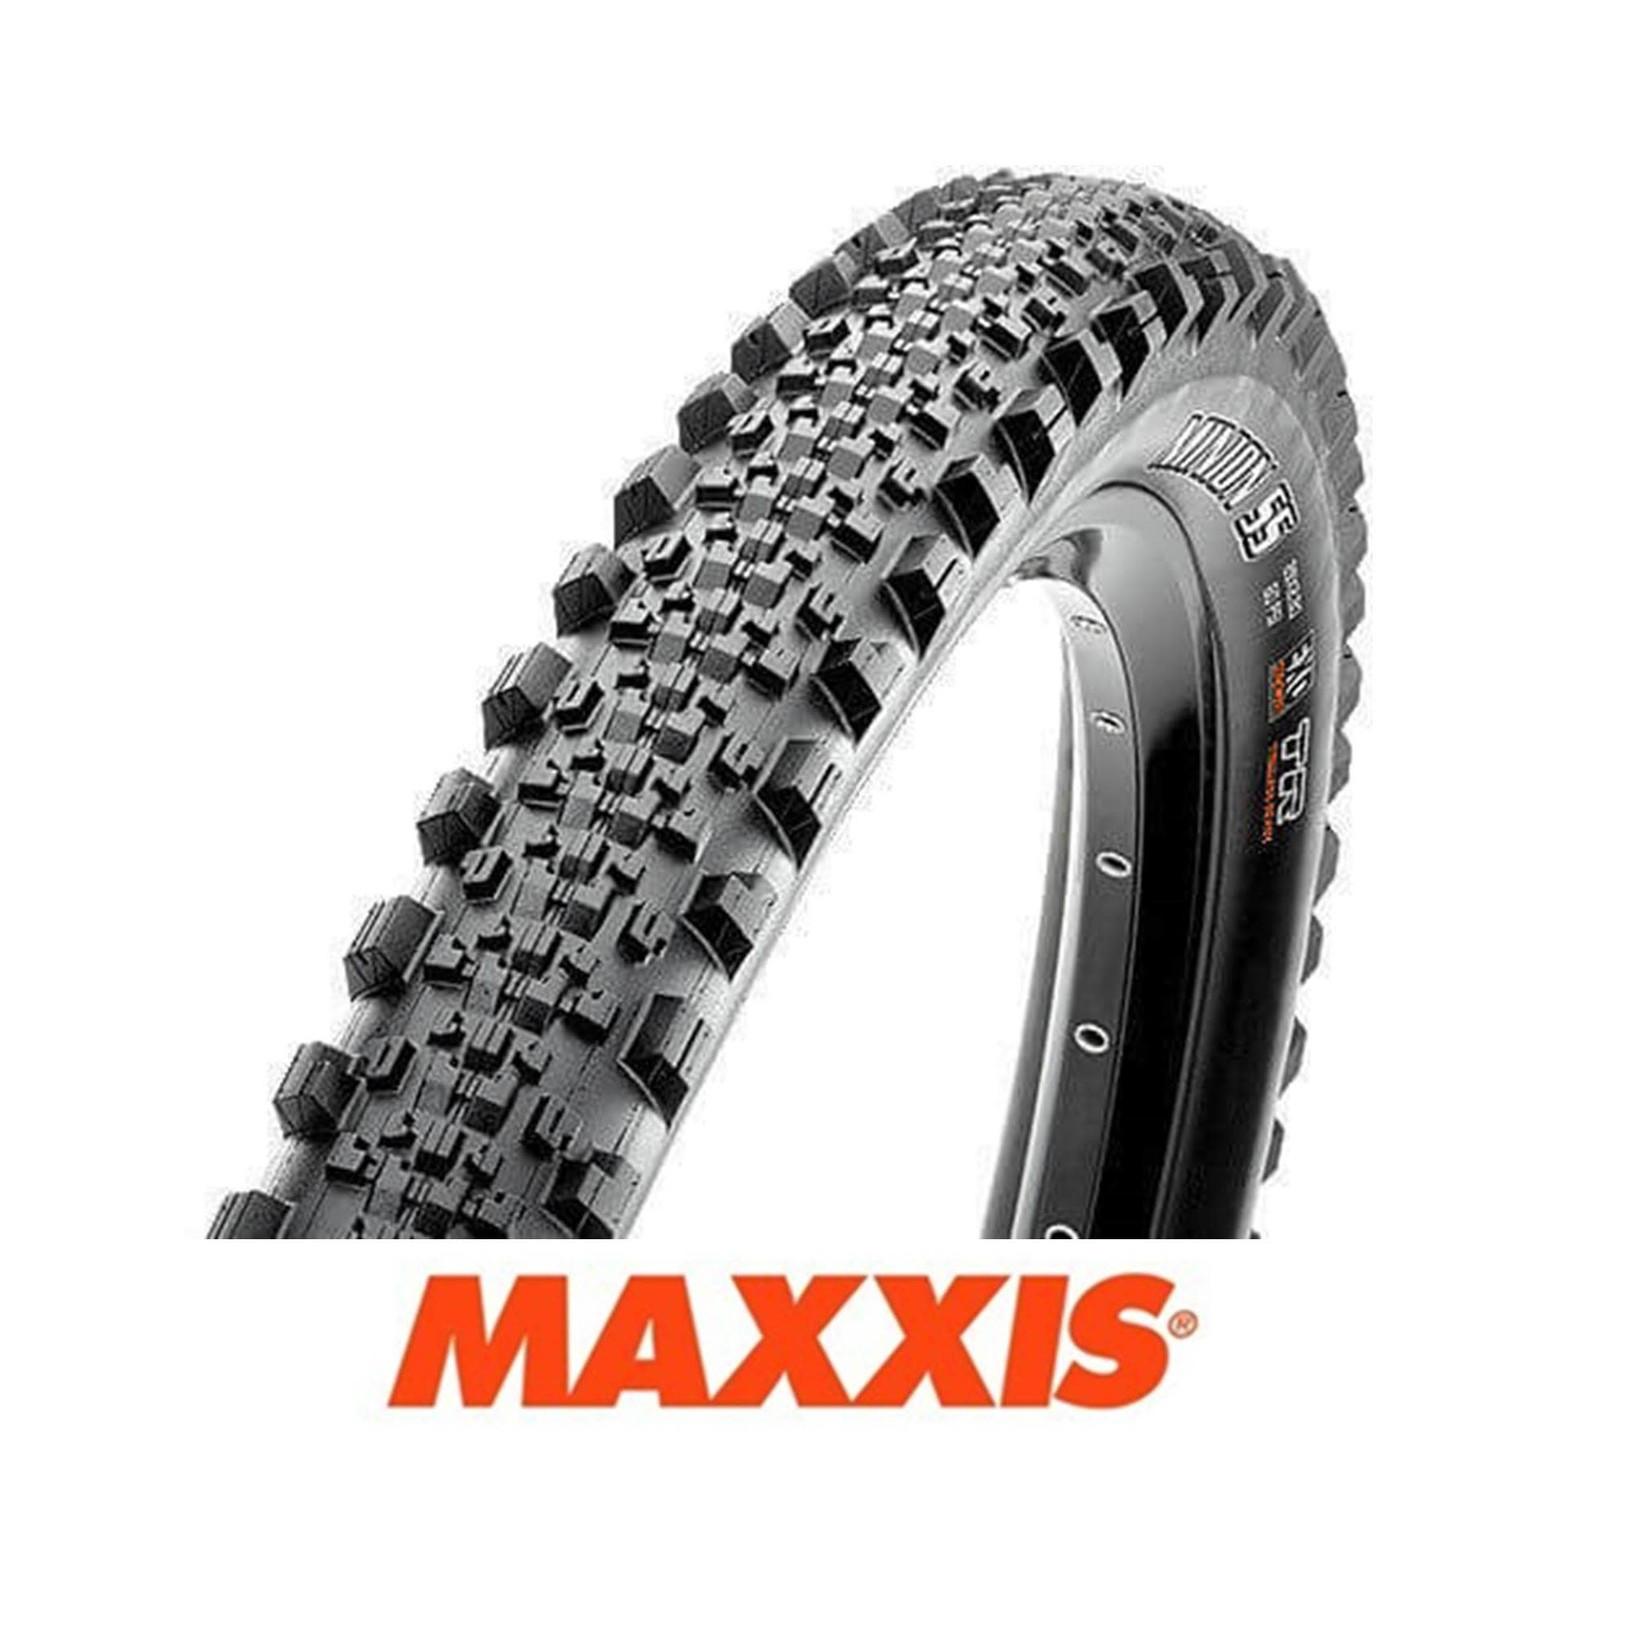 Maxxis Minion Semi Slick 27.5 X 2.3 TR Tyre